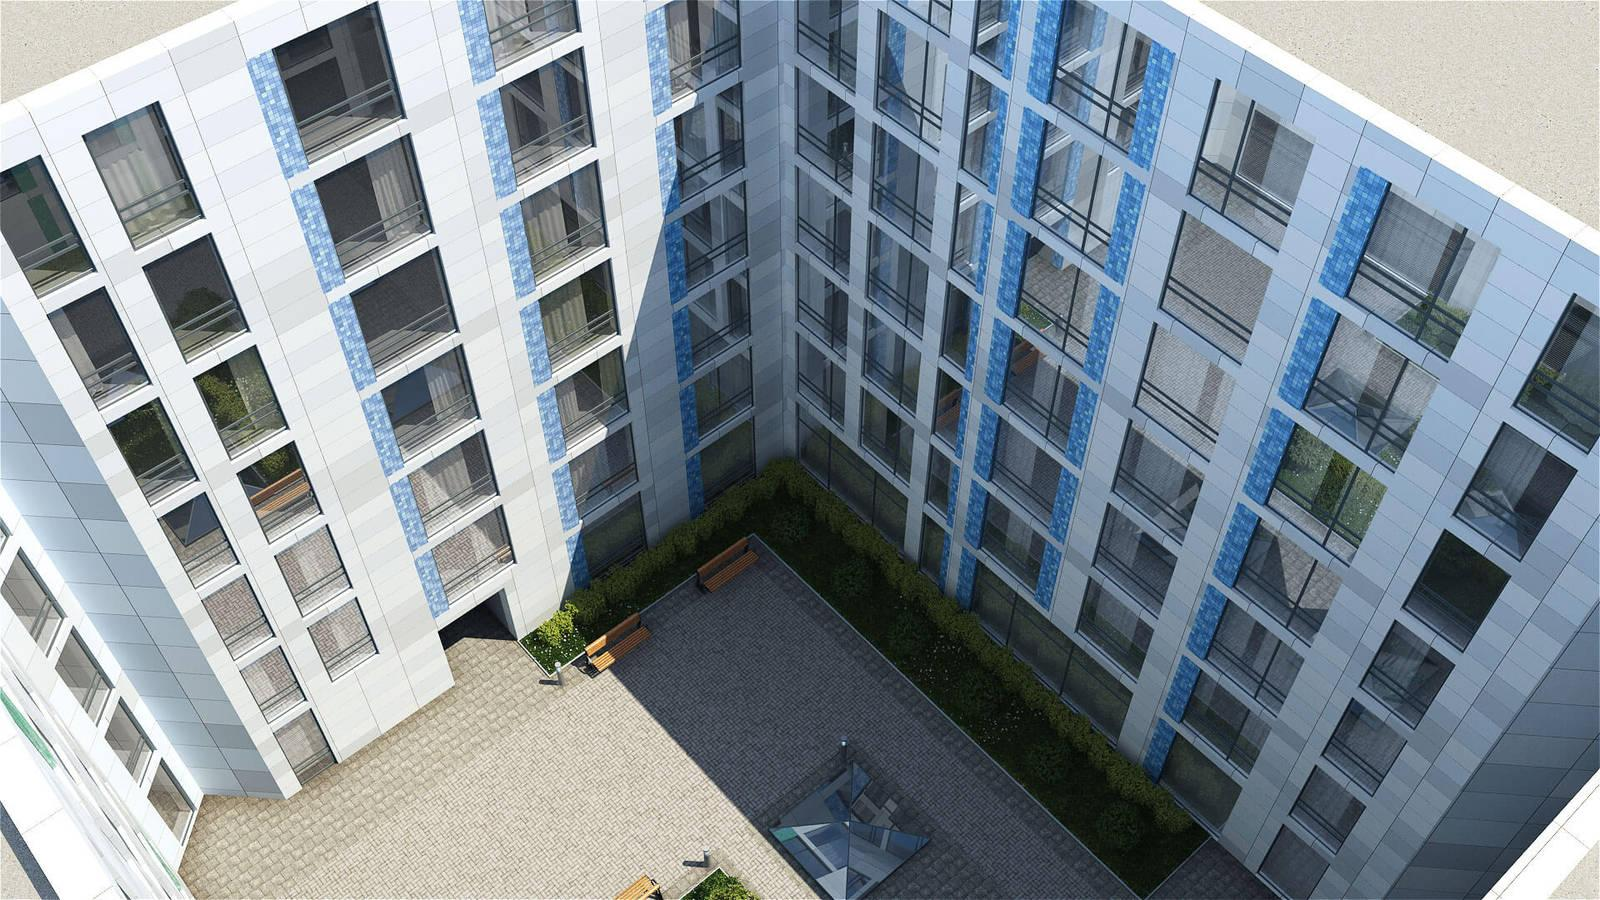 Бывший апарт-отель «Невский проект» на Херсонской выведен в продажу под именем Prime Residence